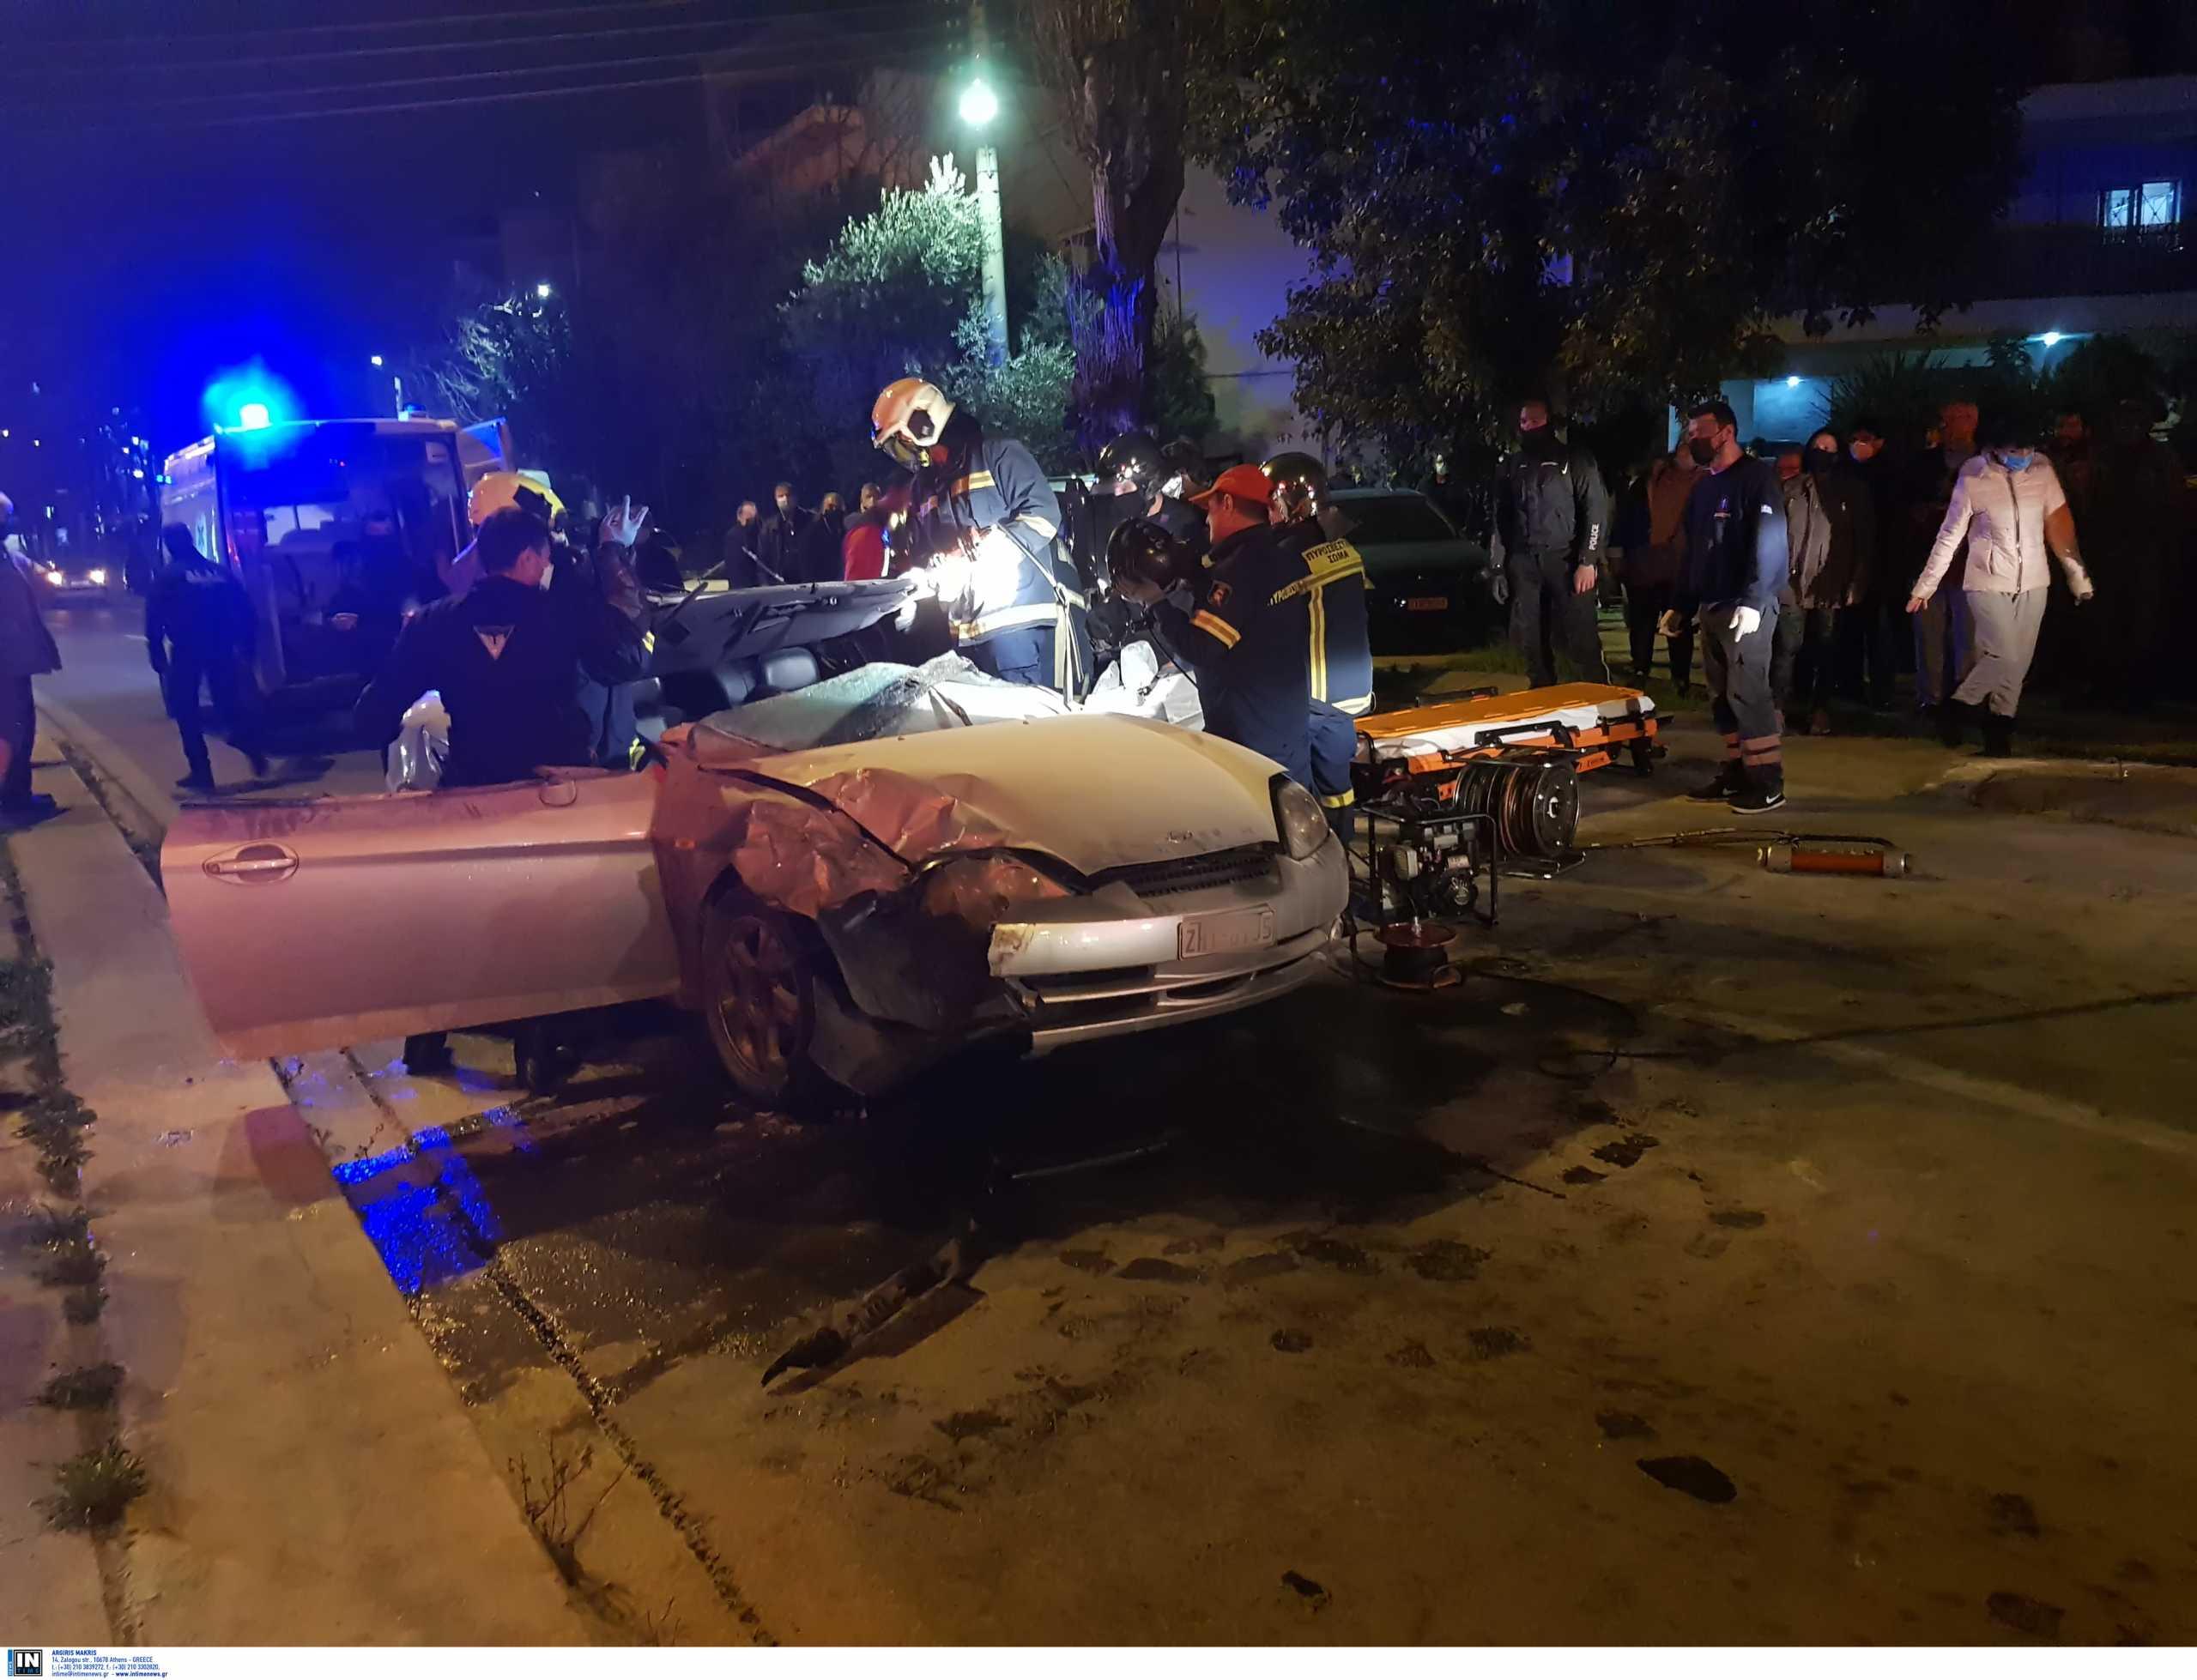 Σοβαρό τροχαίο στην Καλογρέζα – Πυροσβέστες απεγκλώβισαν τον οδηγό